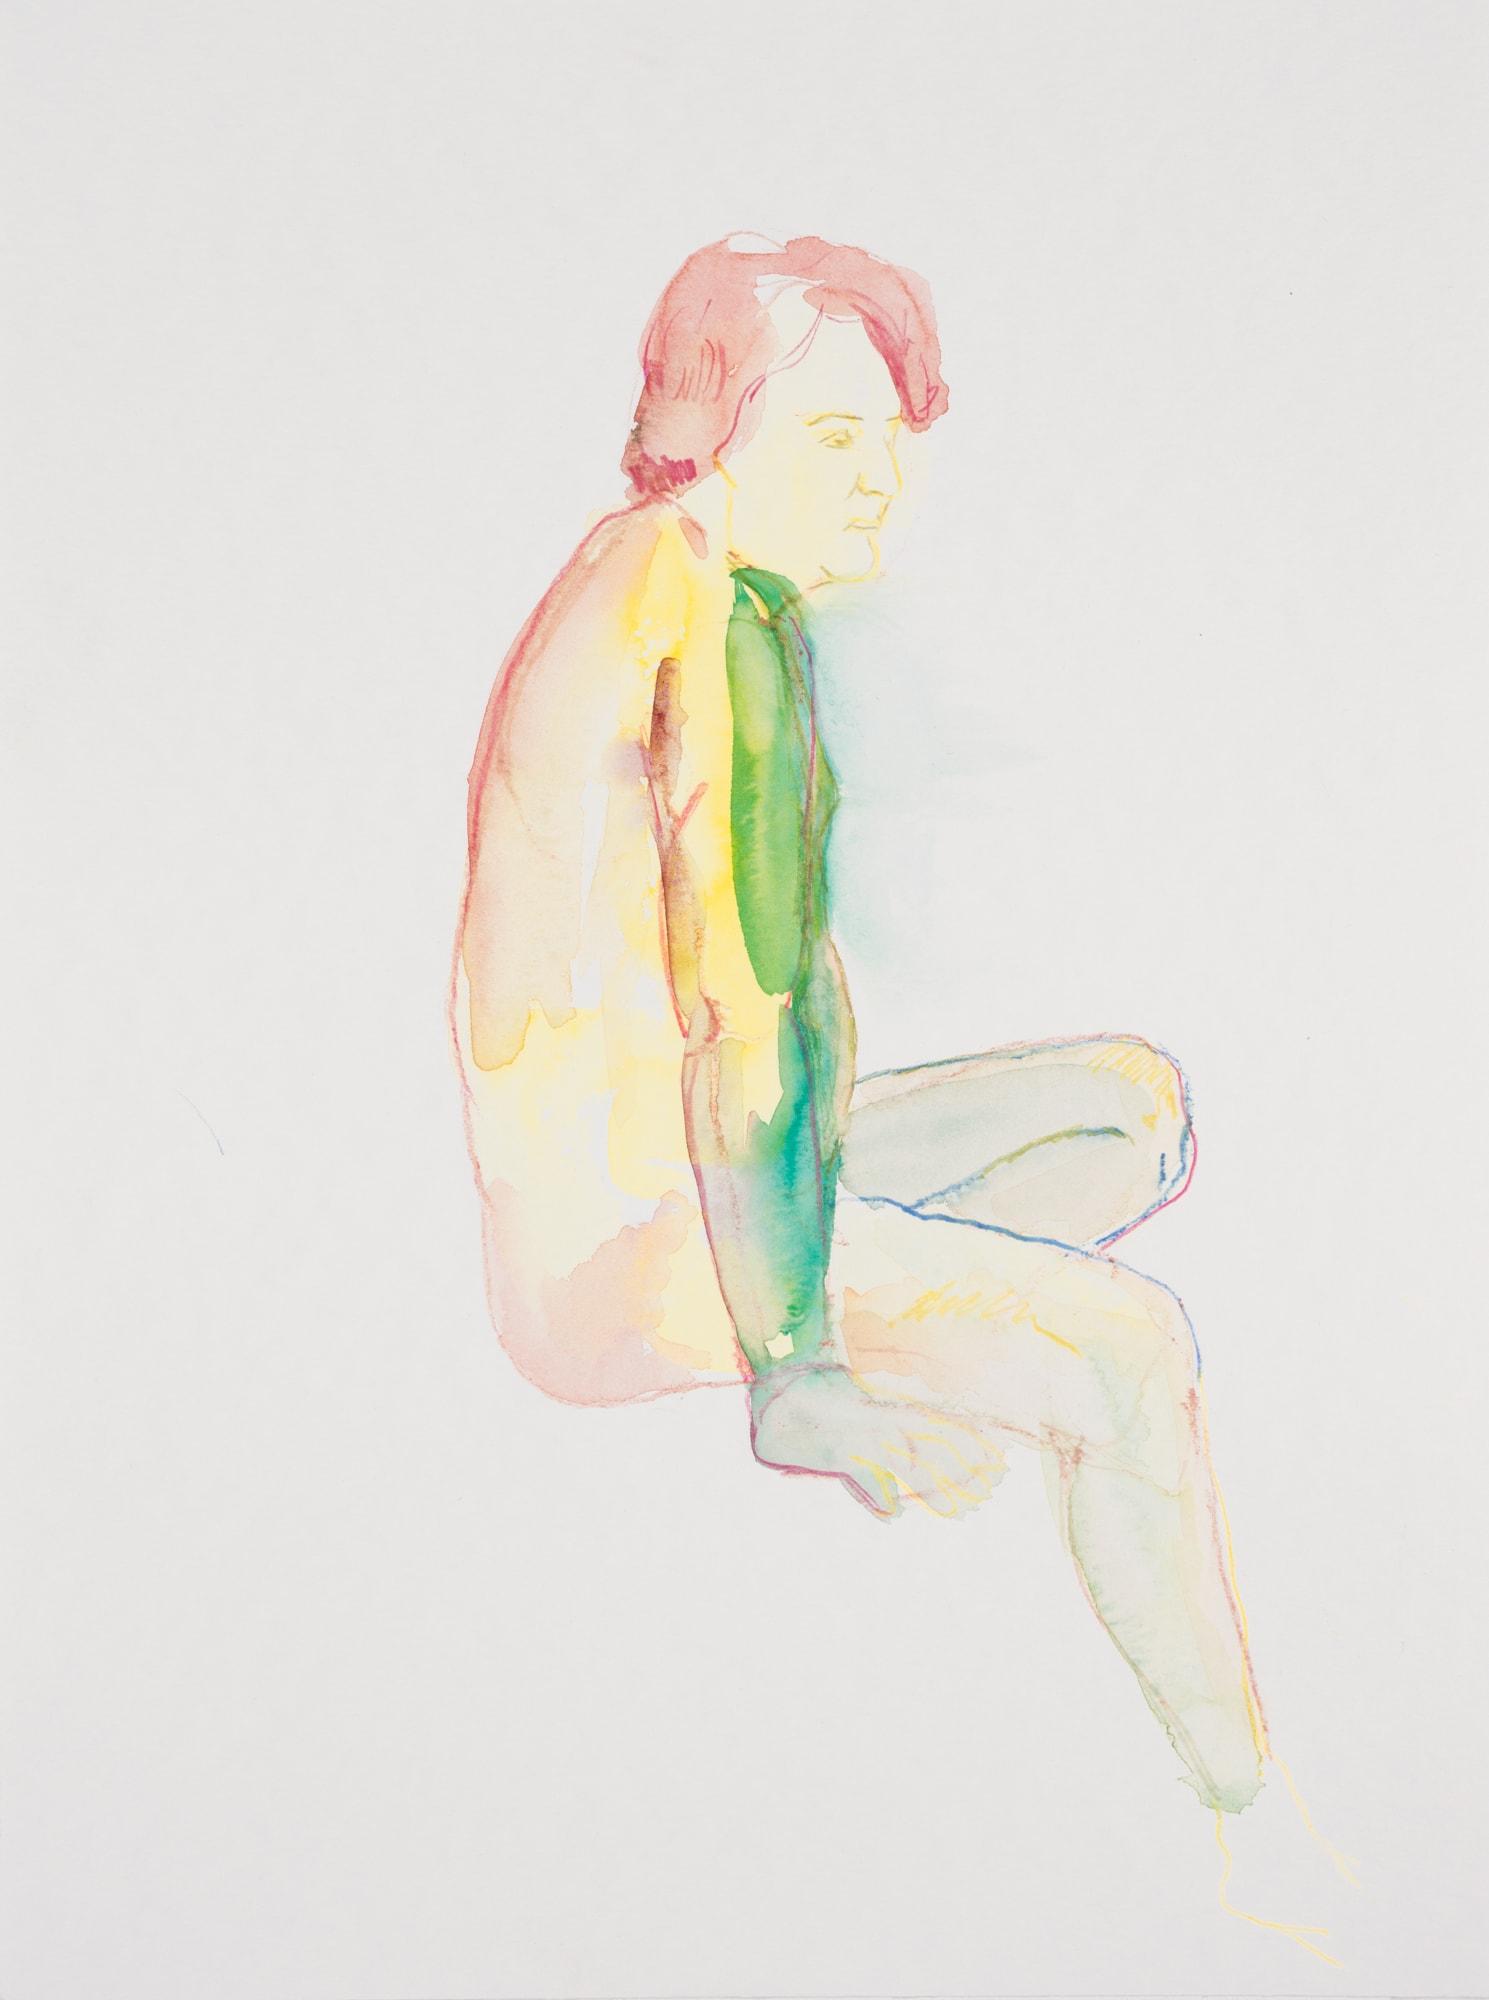 Zeichnung, Aquarell und Farbstift auf Papier, 30x40cm, Männerakt, Künstlerin: Franziska King